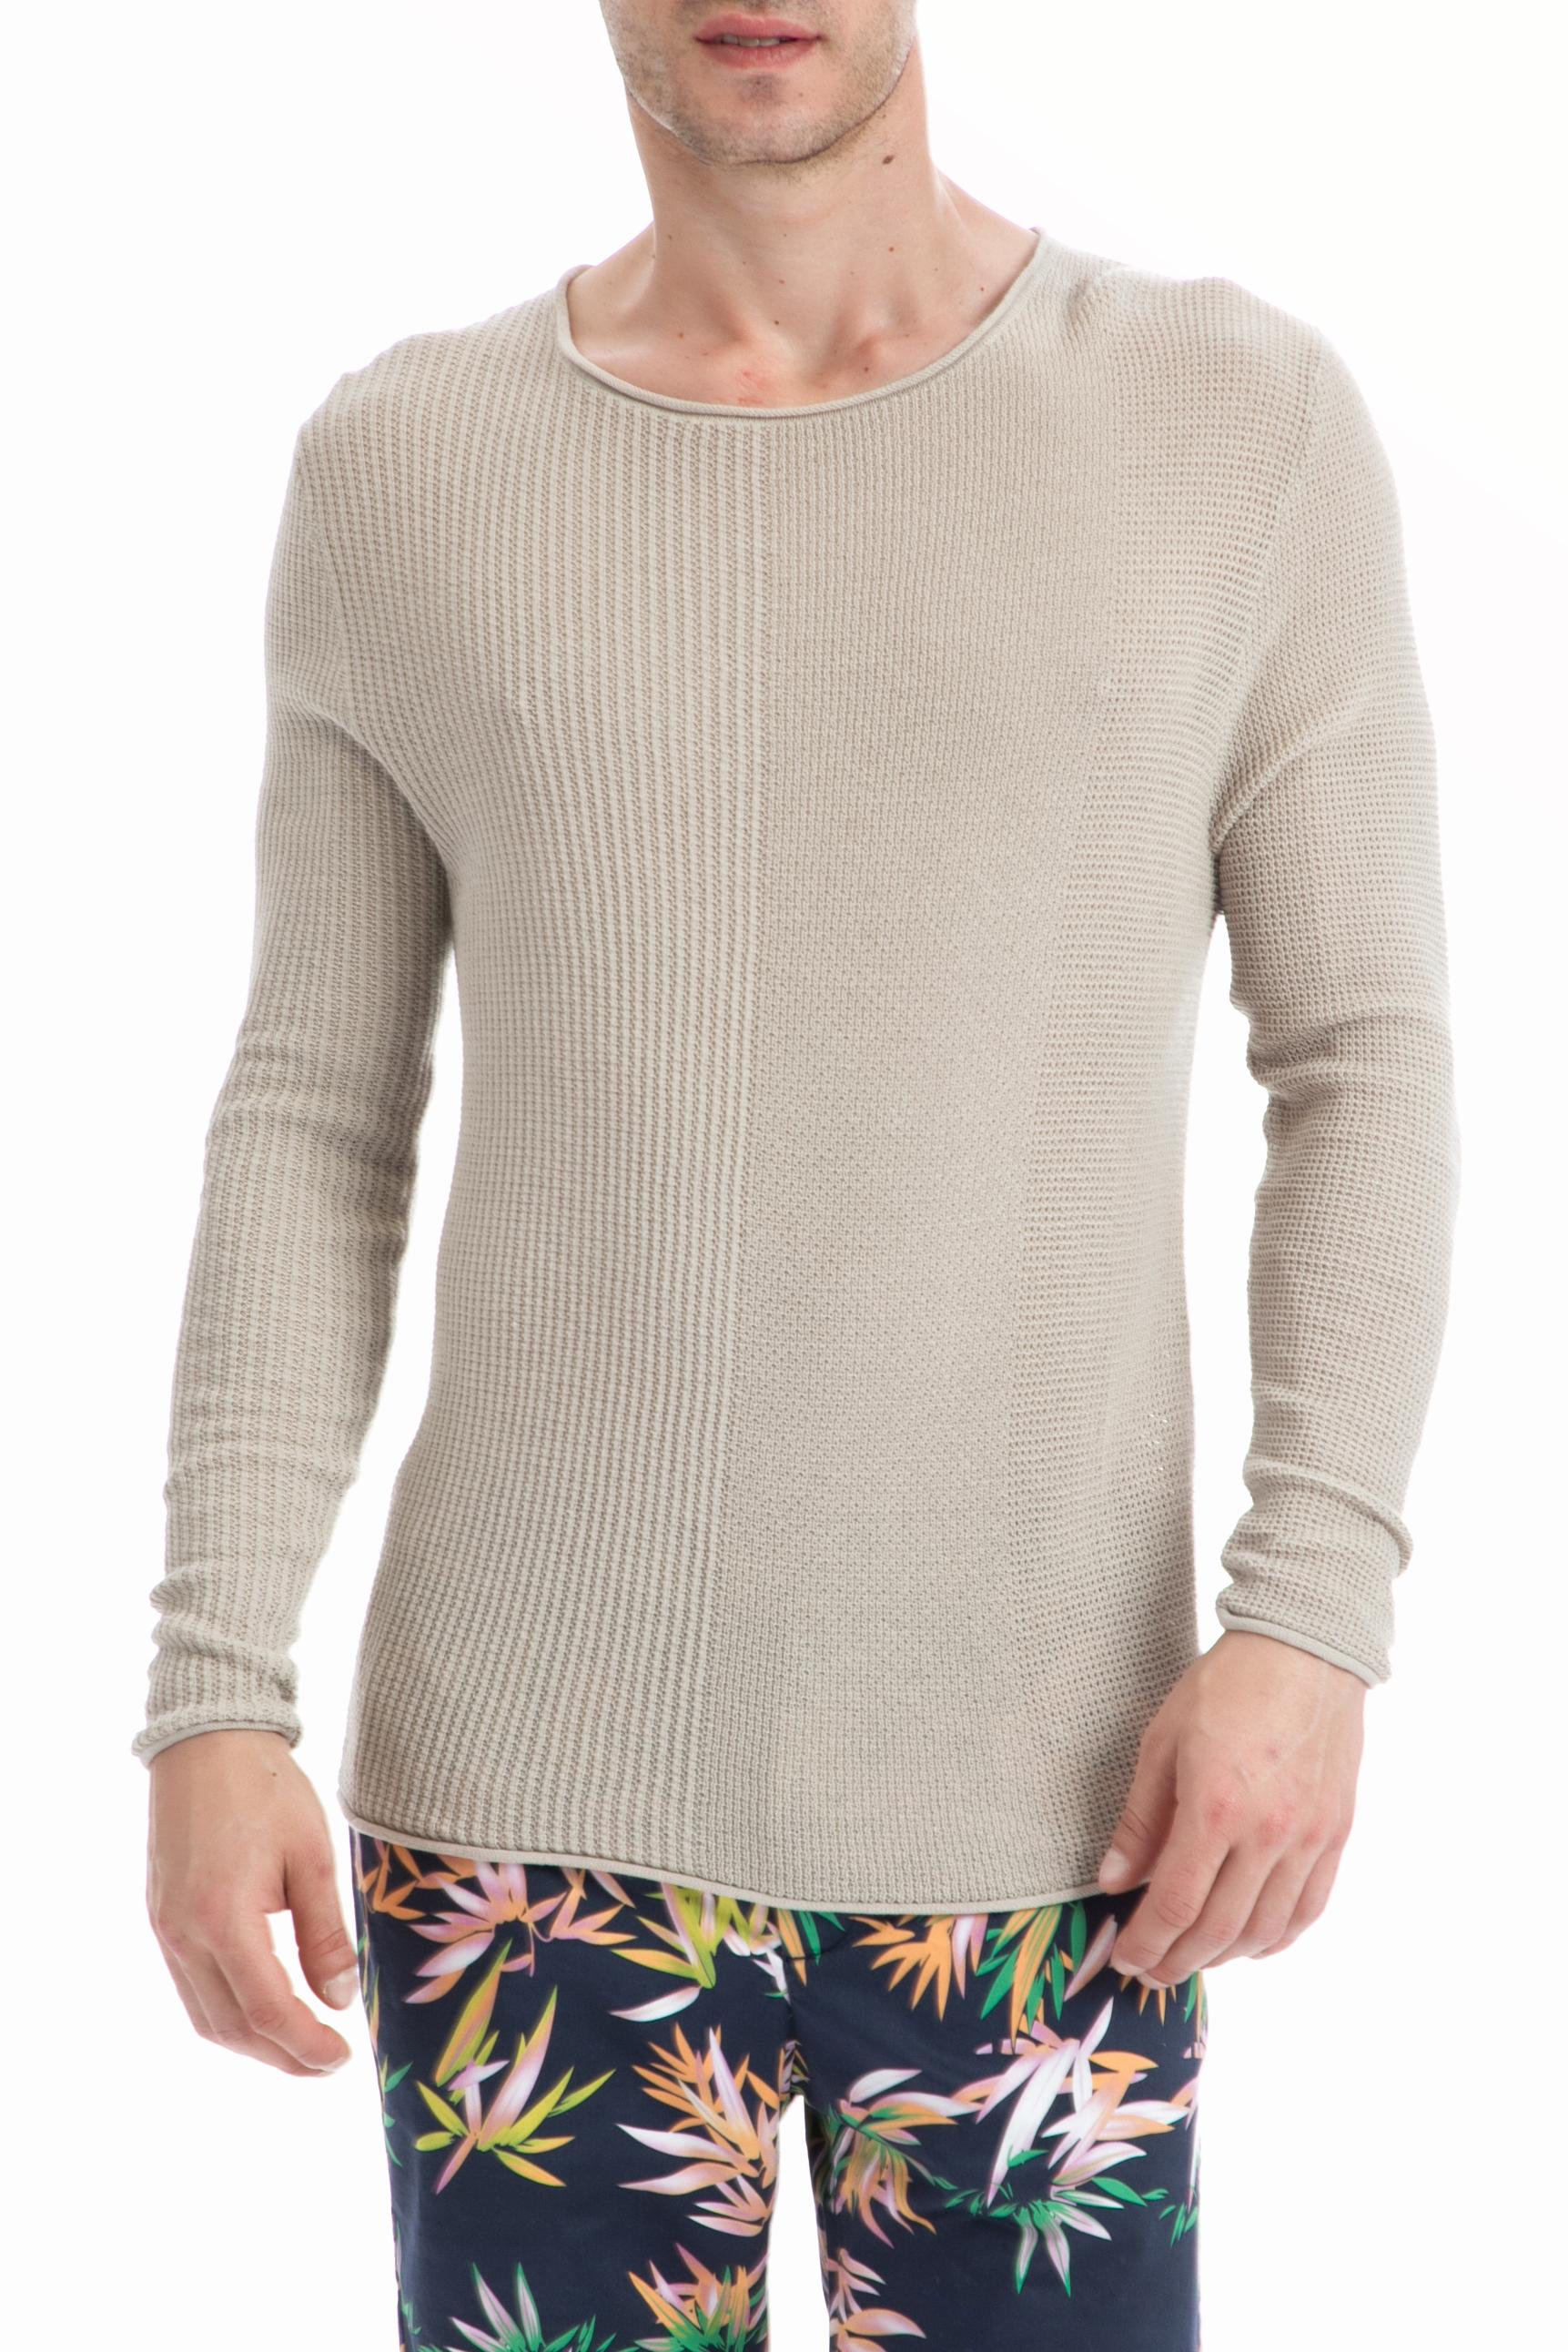 GUESS – Ανδρικό πουλόβερ Guess μπεζ